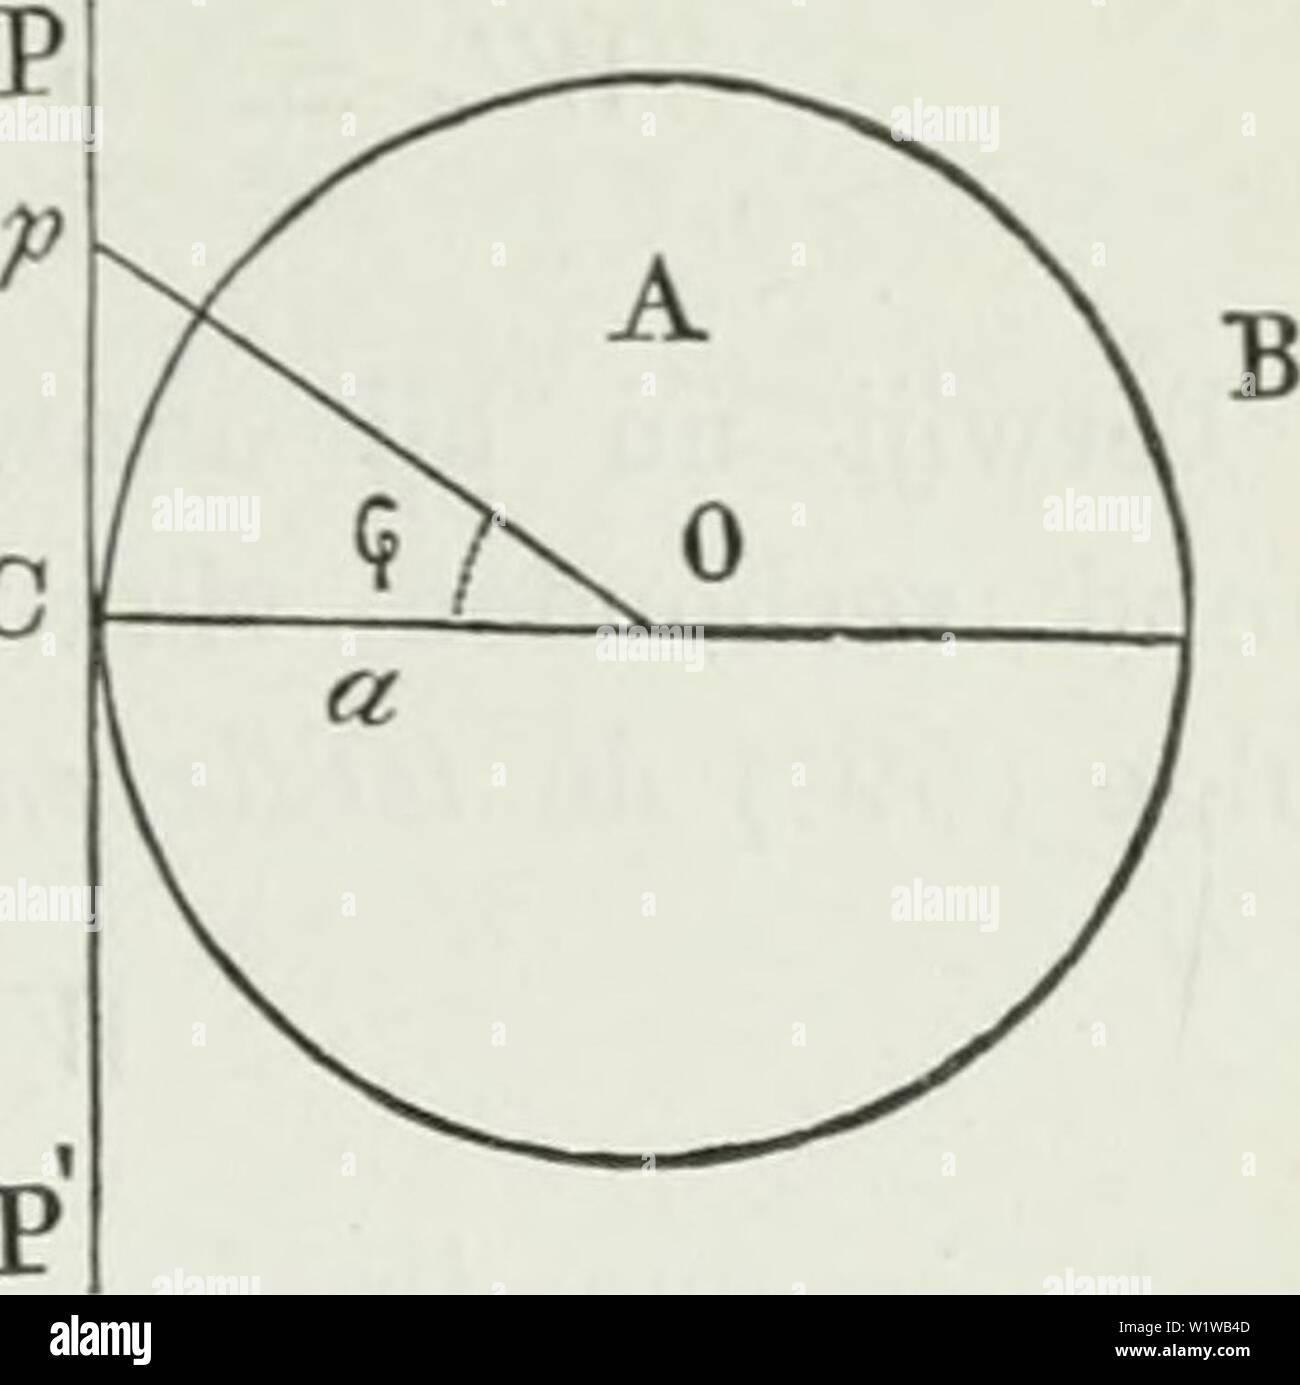 """Image d'archive à partir de la page 658 de Verslagen en mededeelingen. Verslagen en mededeelingen d1d2verslagenenm03akad Année: ( 27 W, zoodat - ro - ~. . . . (59) p Aa de la SLA - =;,, ïri = w,-ip..(59ö) c 2 d'un Nu est de energie, aanvankelijk (zon- der vlak PP') aanwezig in den bol A. die CO - un tot straal heeft, /V=""""U'~' = M_P (60) De aanvankelijke Energie in het habitude rechts van het vlak om den bol J., dus à de ruimte-je? Wordt gegeven door W en daar o ,c ' _ (L i 1 + coscp dr . - Waarin qp = / P U L , 1 -p- r'osij' r -f- un &gt; W',, = , r&gt; FF + q d_l _t[[ 6 ~~ 2 ƒ 2r r2 ' ' 4 J 4 a 2 a) """"8 Photo Stock"""